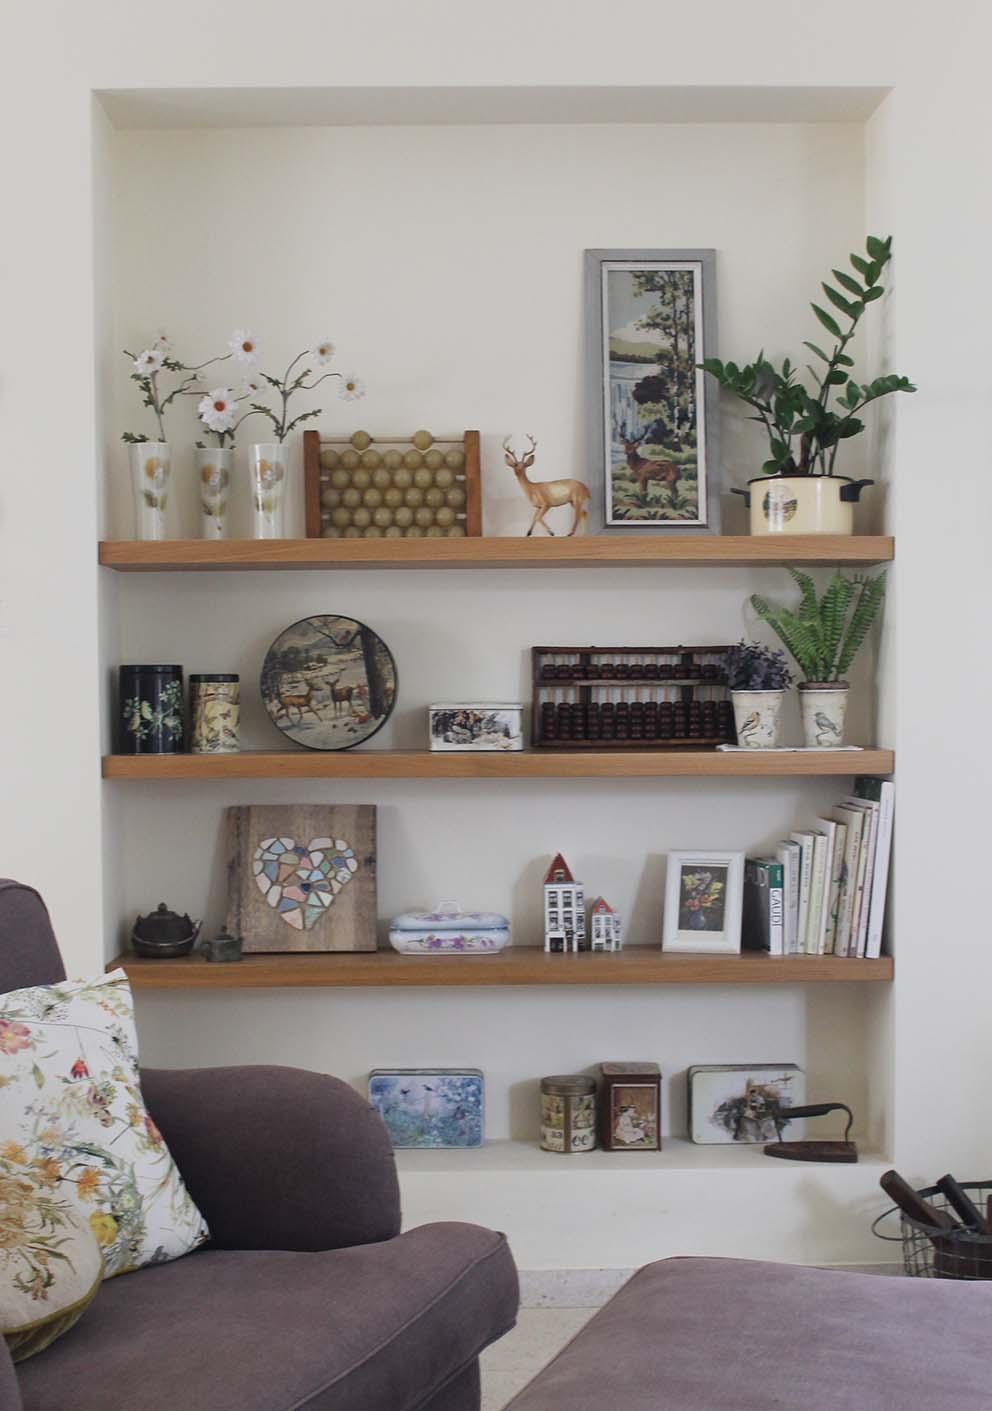 הבית של יעלי וליאור, אדריכלות: רותי שכנר עיצוב פנים, סטיילינג וצילום: אורלי אייזנר, www.pnim.co.il